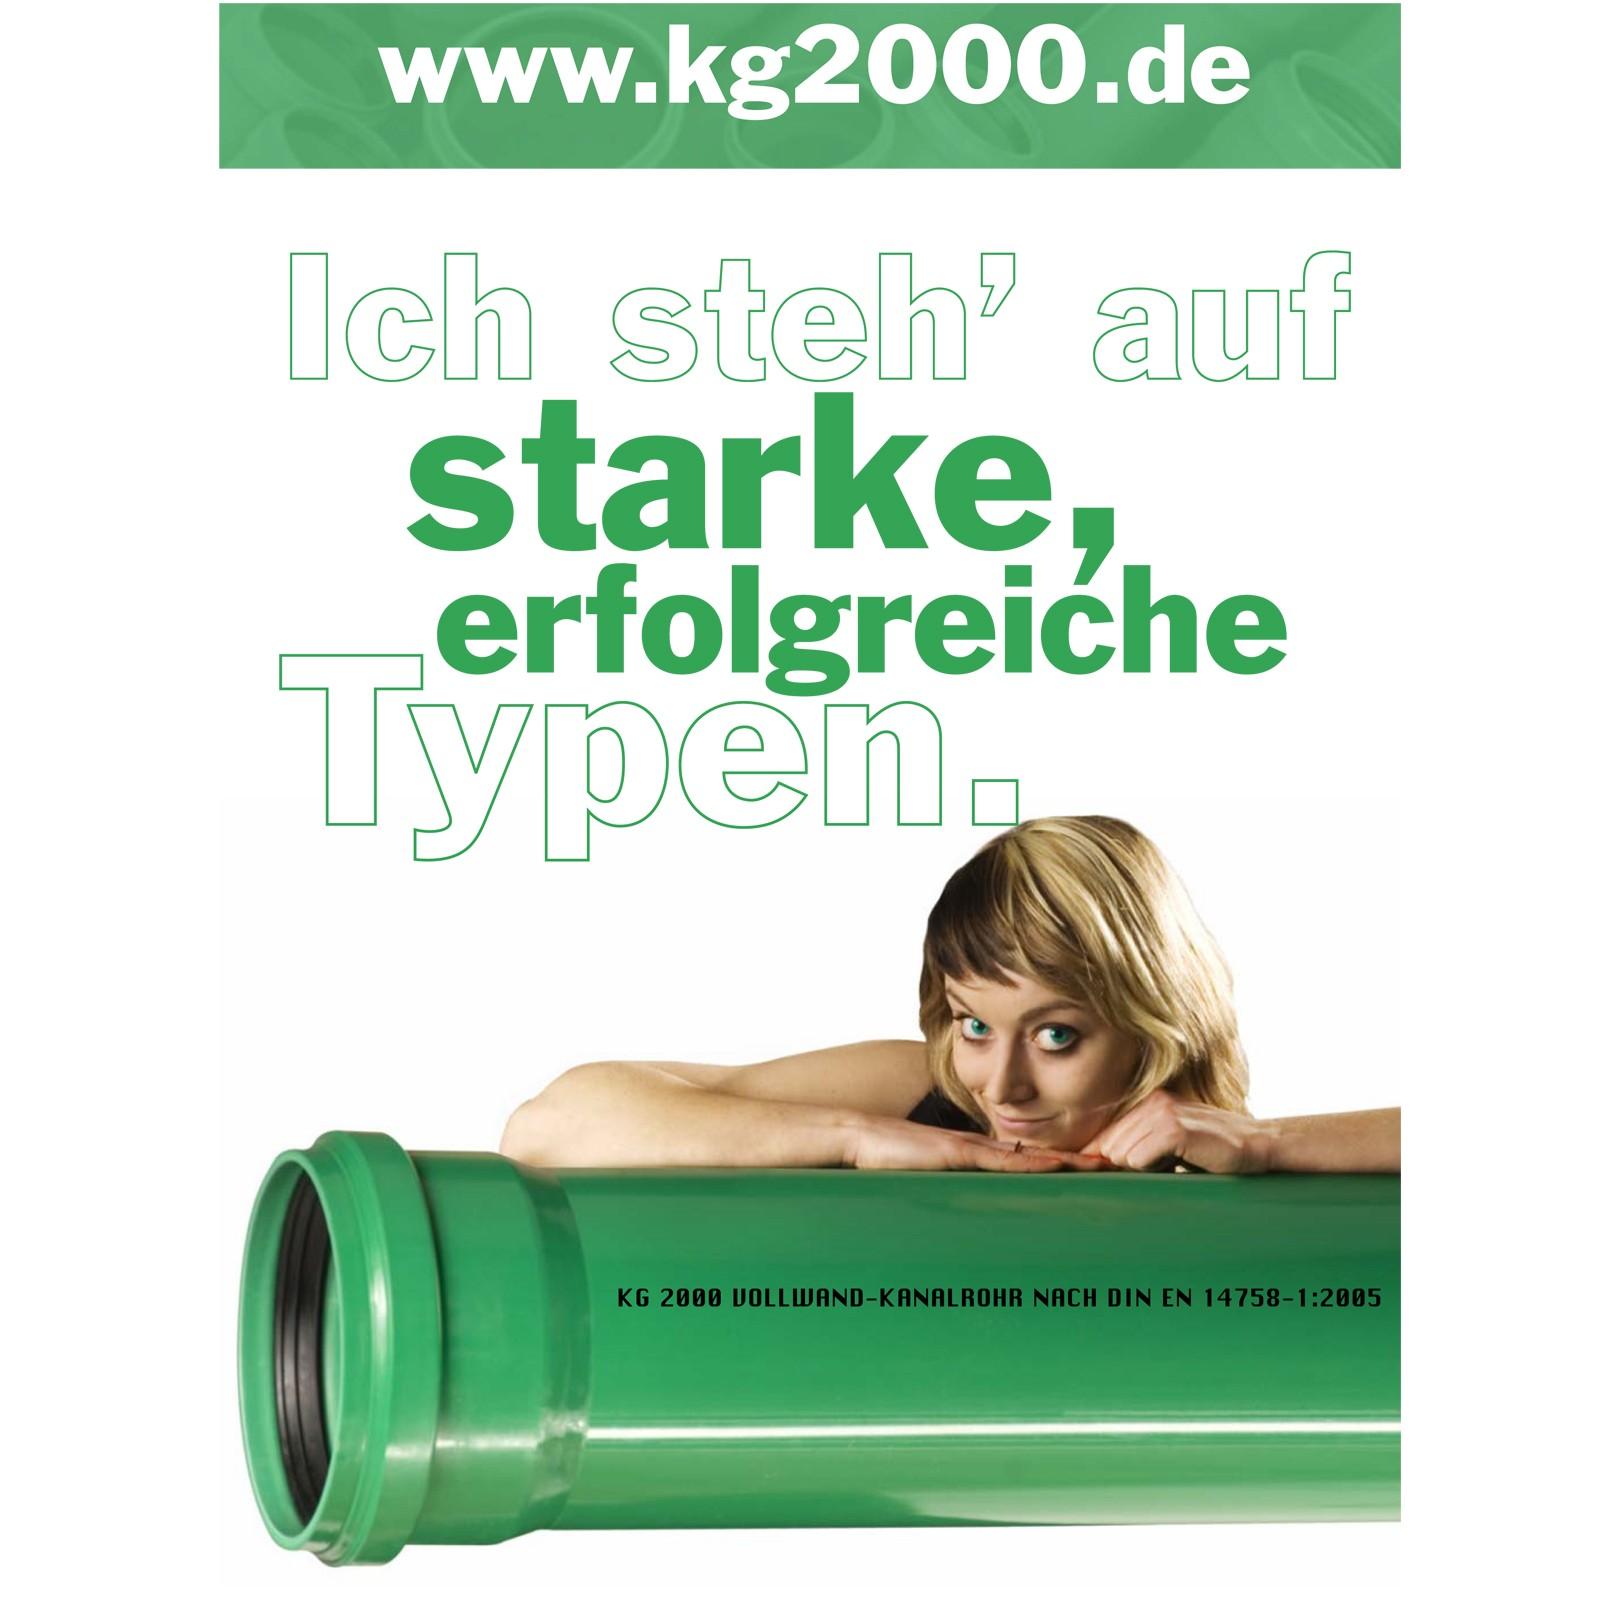 kg 2000 rohr dn125 x 500 mm abwasserrohr kanalrohr gr n. Black Bedroom Furniture Sets. Home Design Ideas